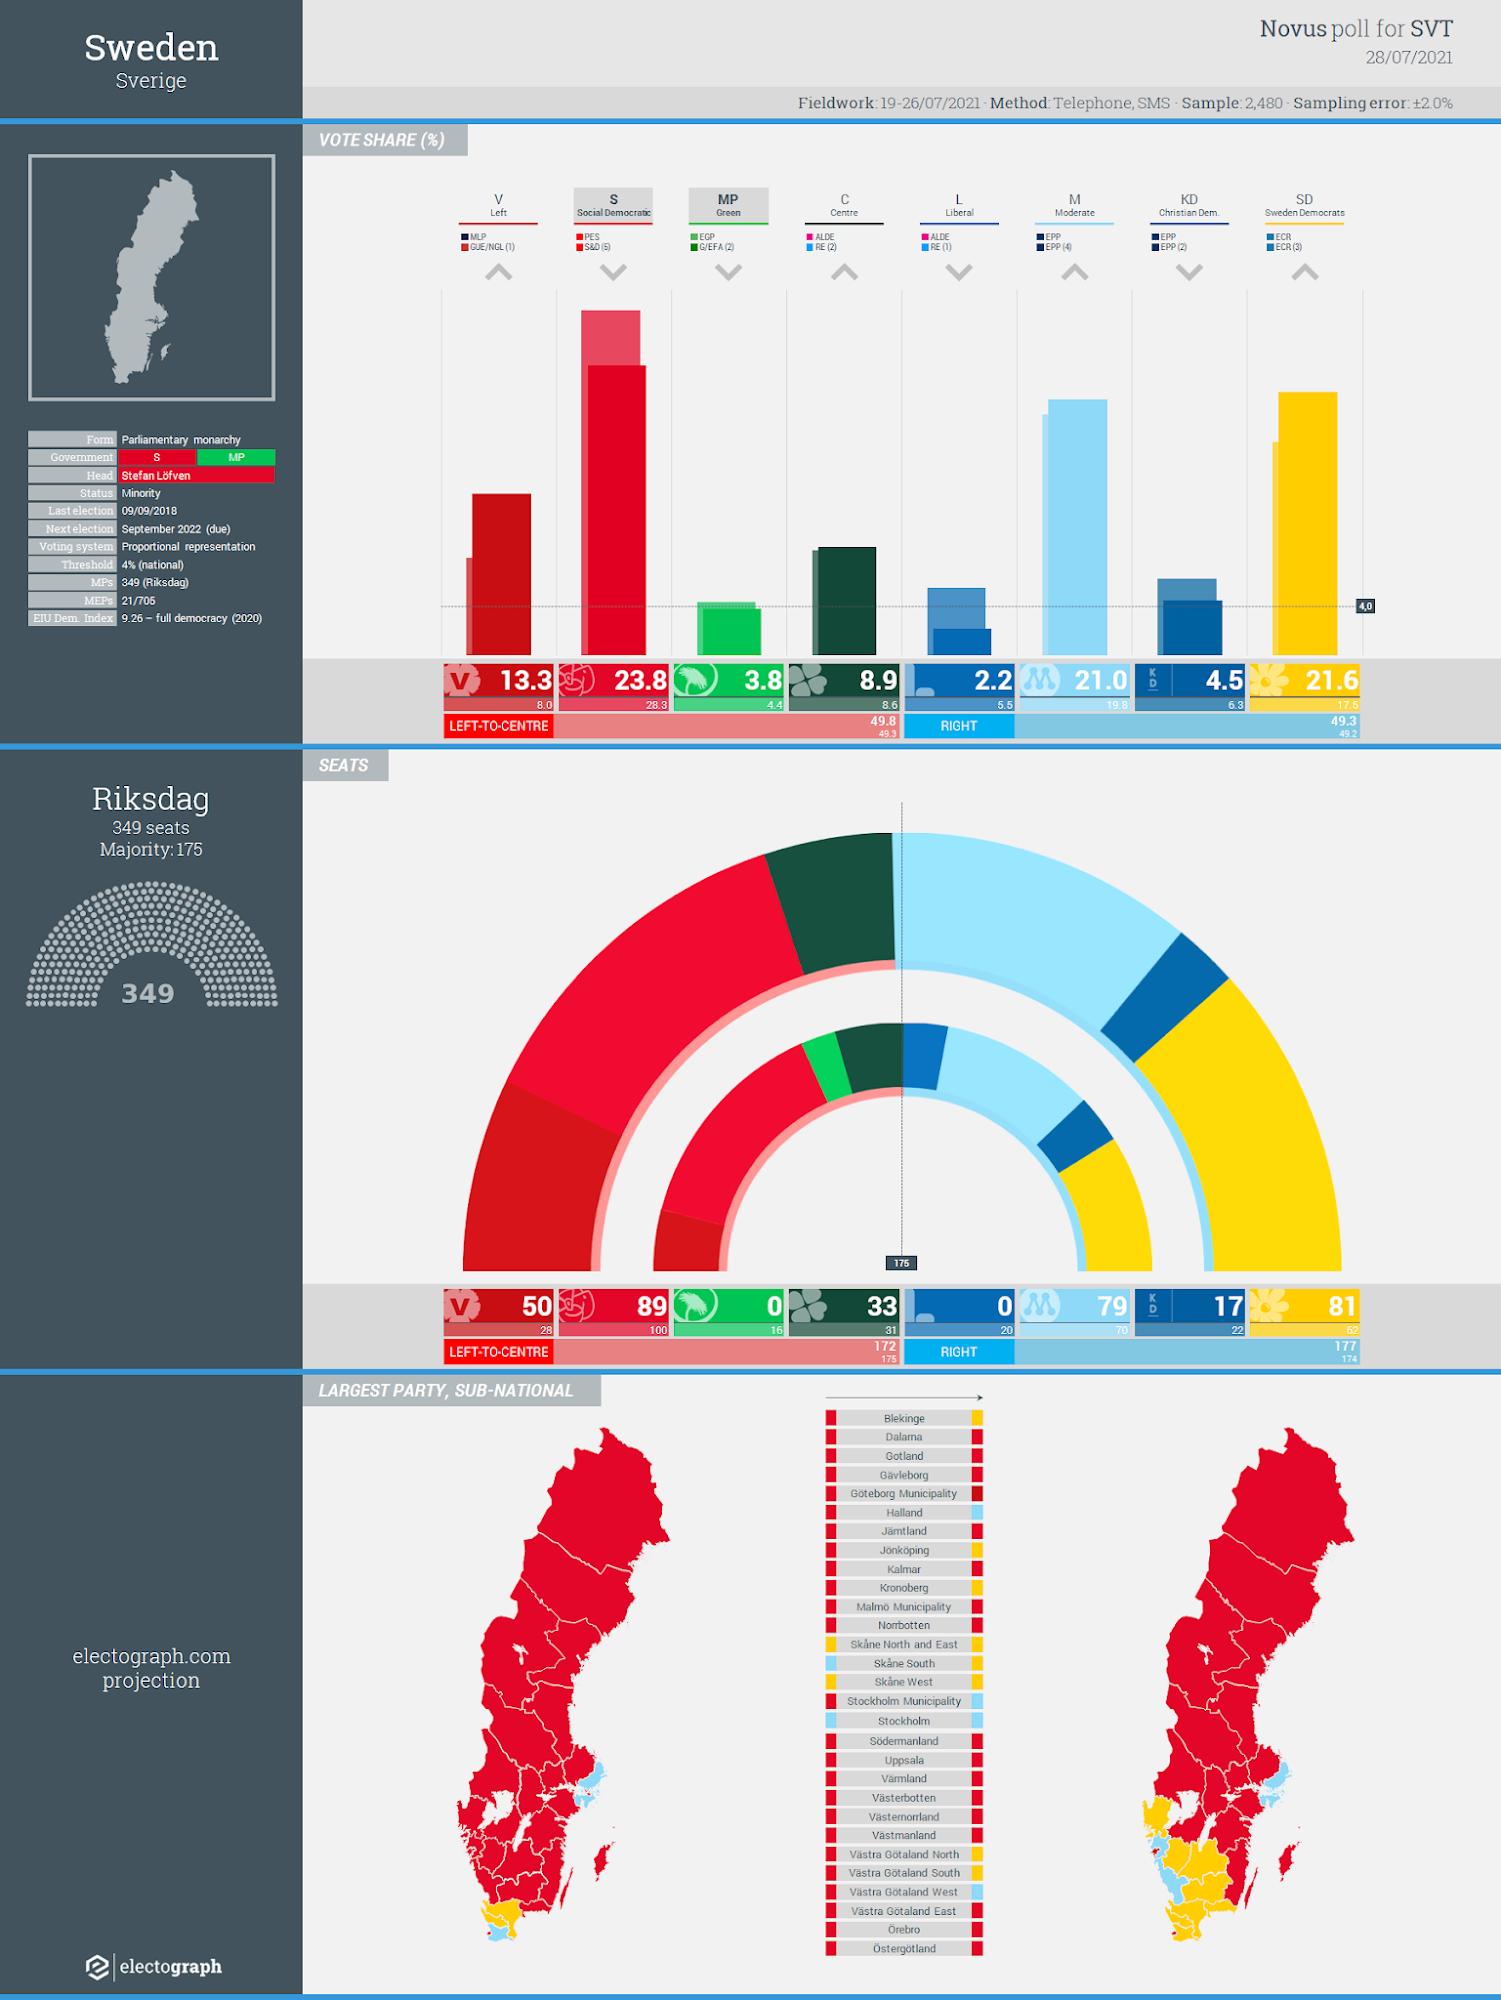 SWEDEN: Novus poll chart for SVT, 28 July 2021